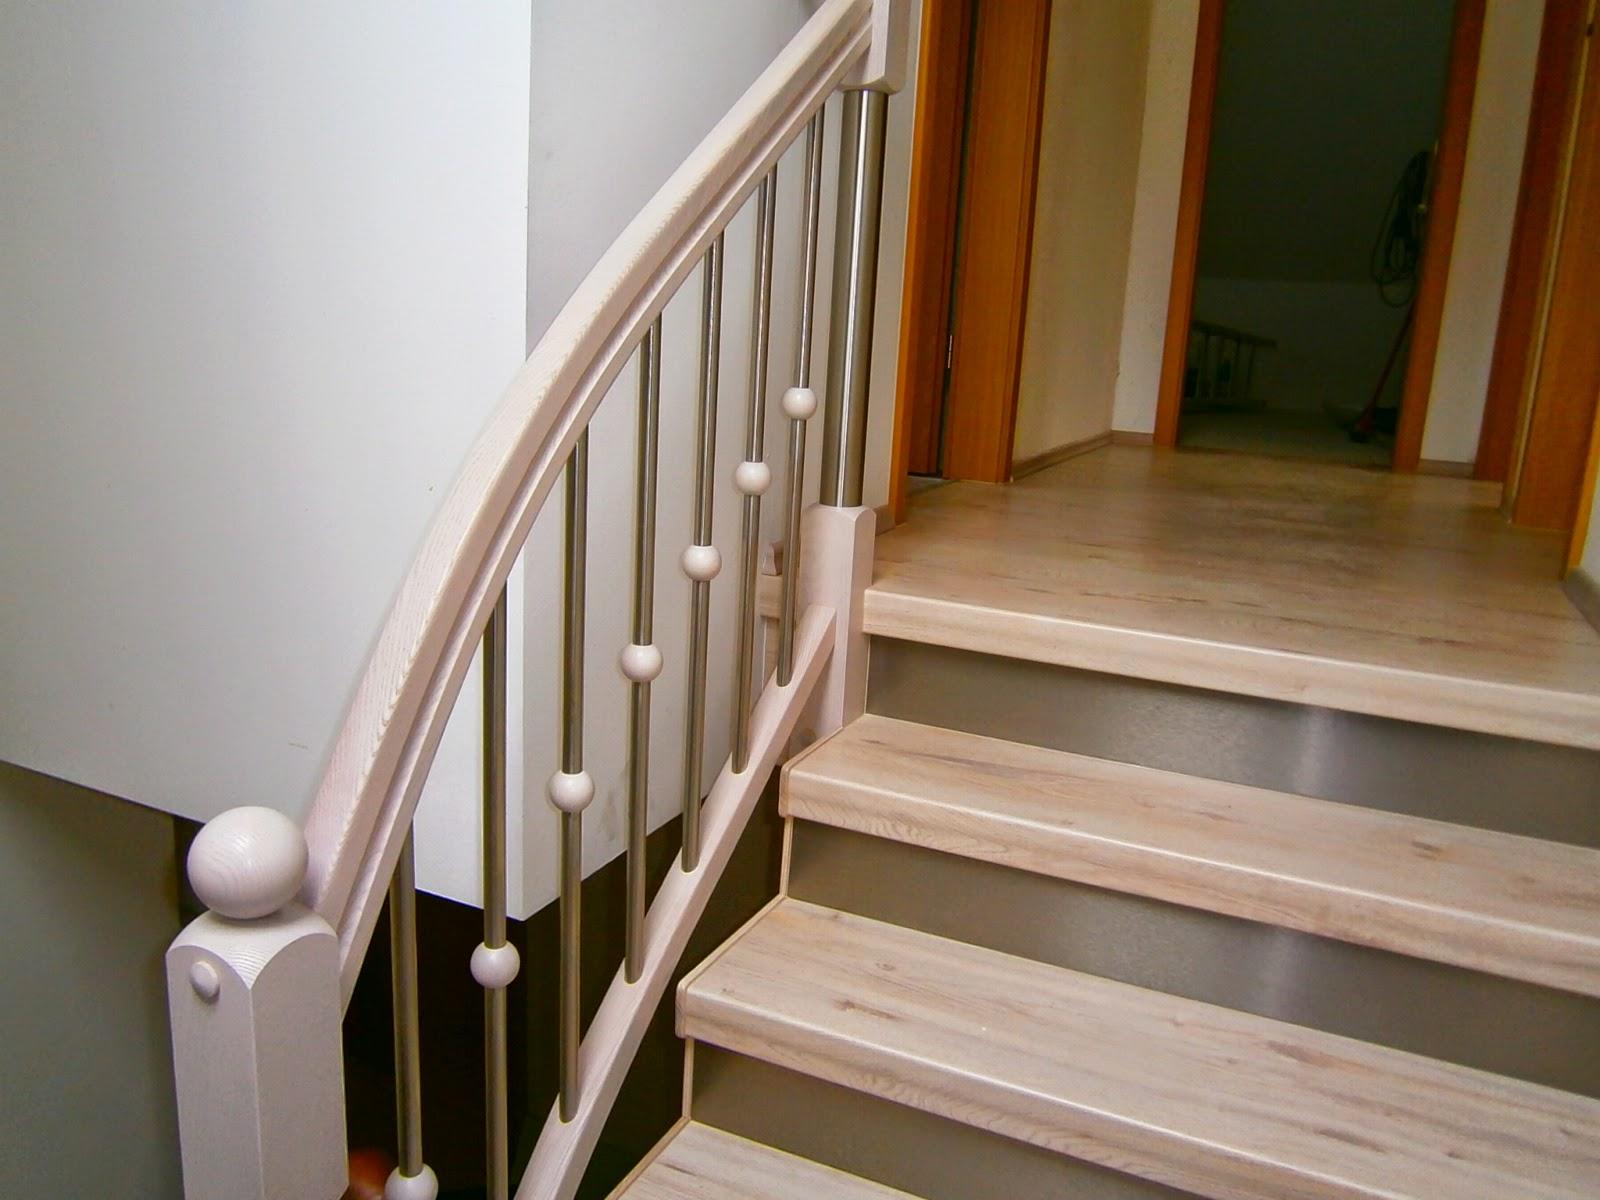 H k treppenrenovierung ihre treppenrenovierung unser for Hk aussendesign nussbaum